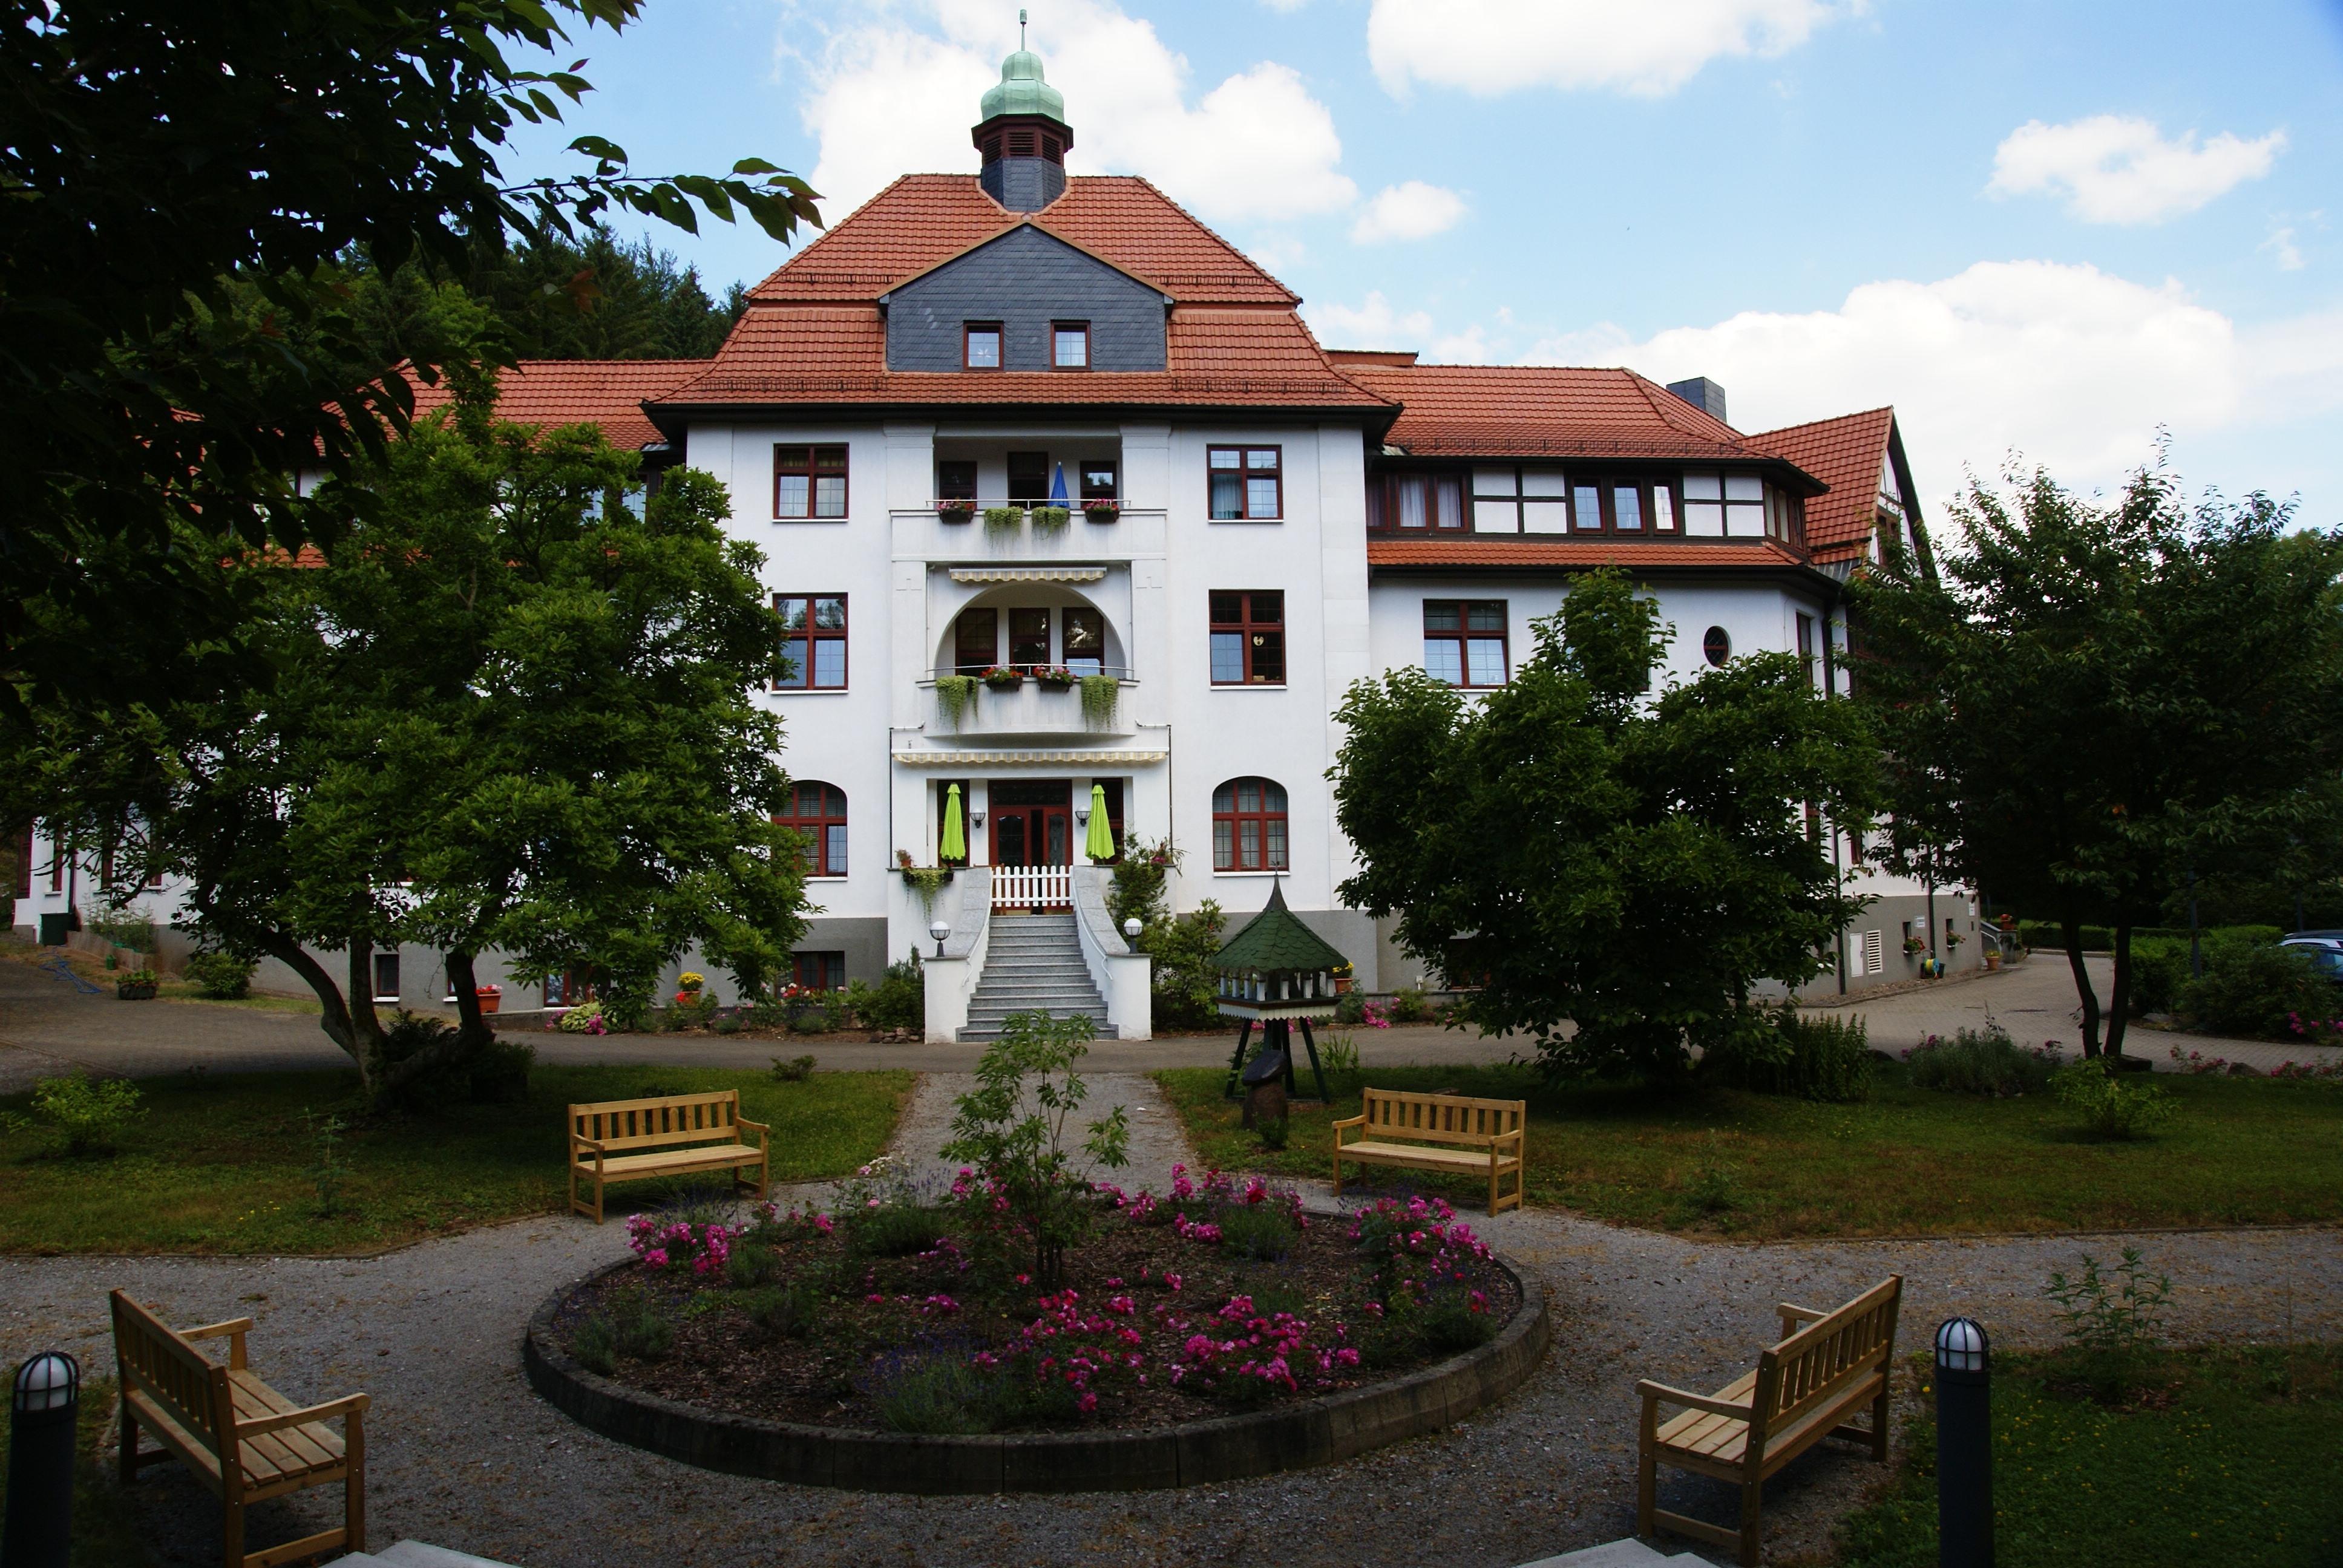 Wohn- und Pflegeheim Hohenstein